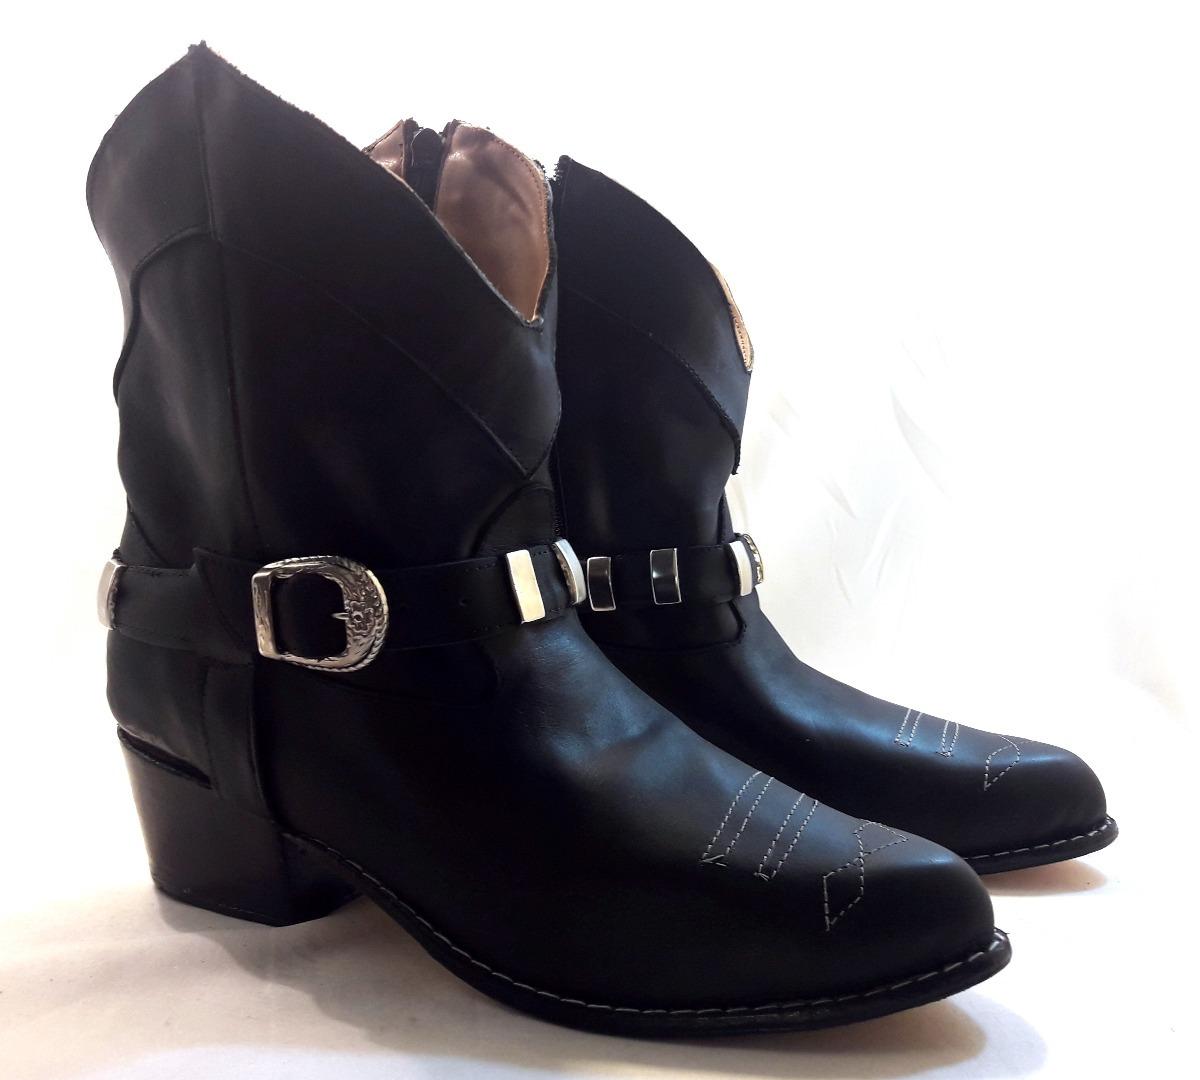 7df6f1d96 sam123 botas cortas mujer talle grande oferta tex2 negras. Cargando zoom.